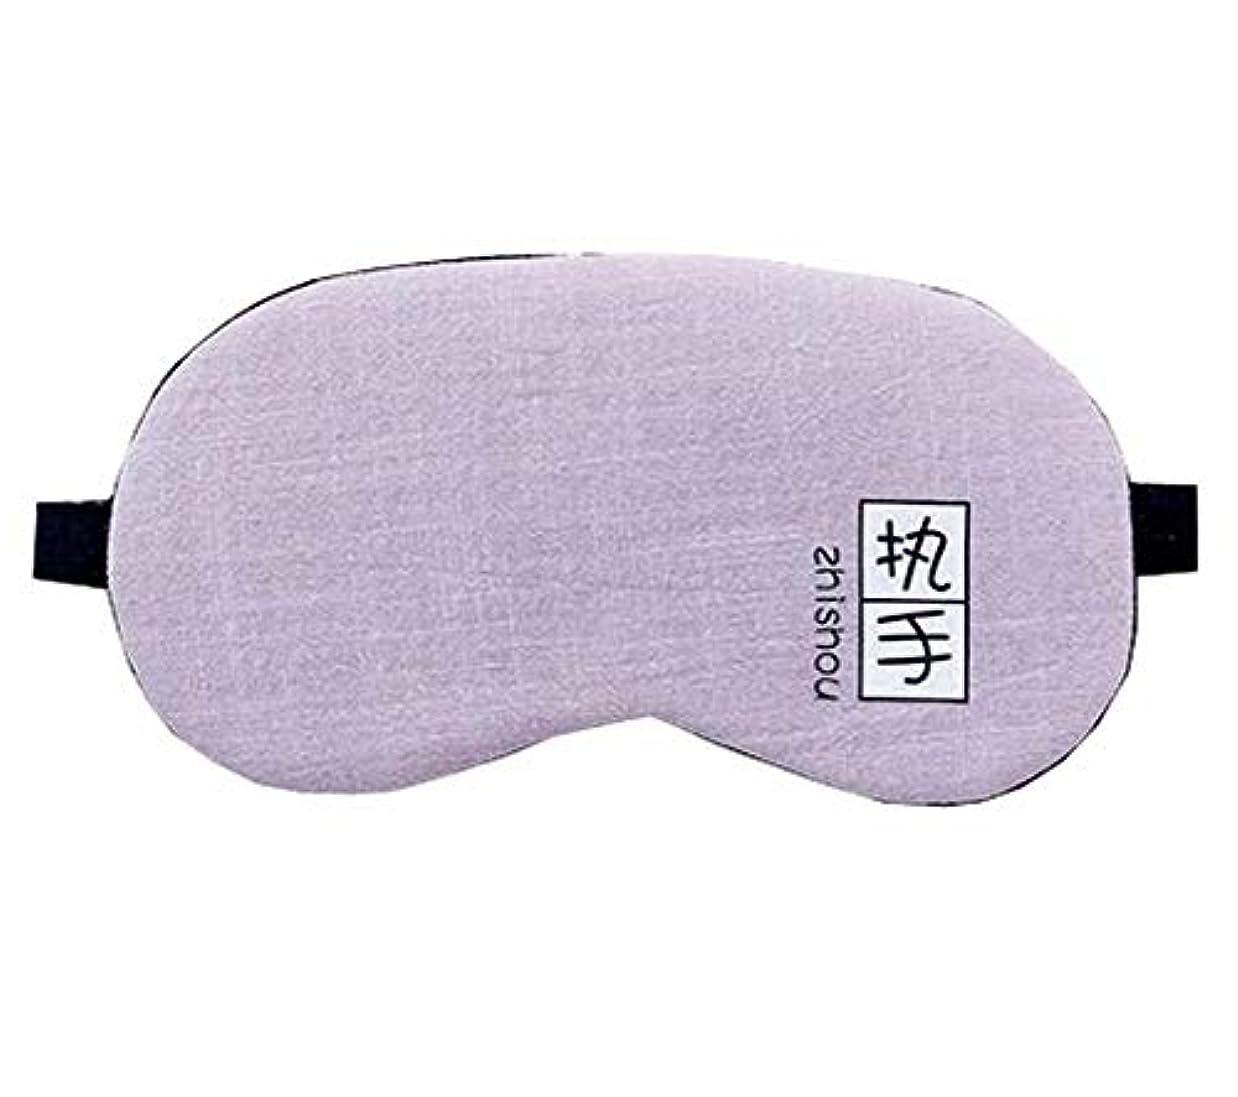 ファイター合併症境界快適なかわいい目のマスクは、睡眠の作業のための不眠症とストレスを軽減し、C